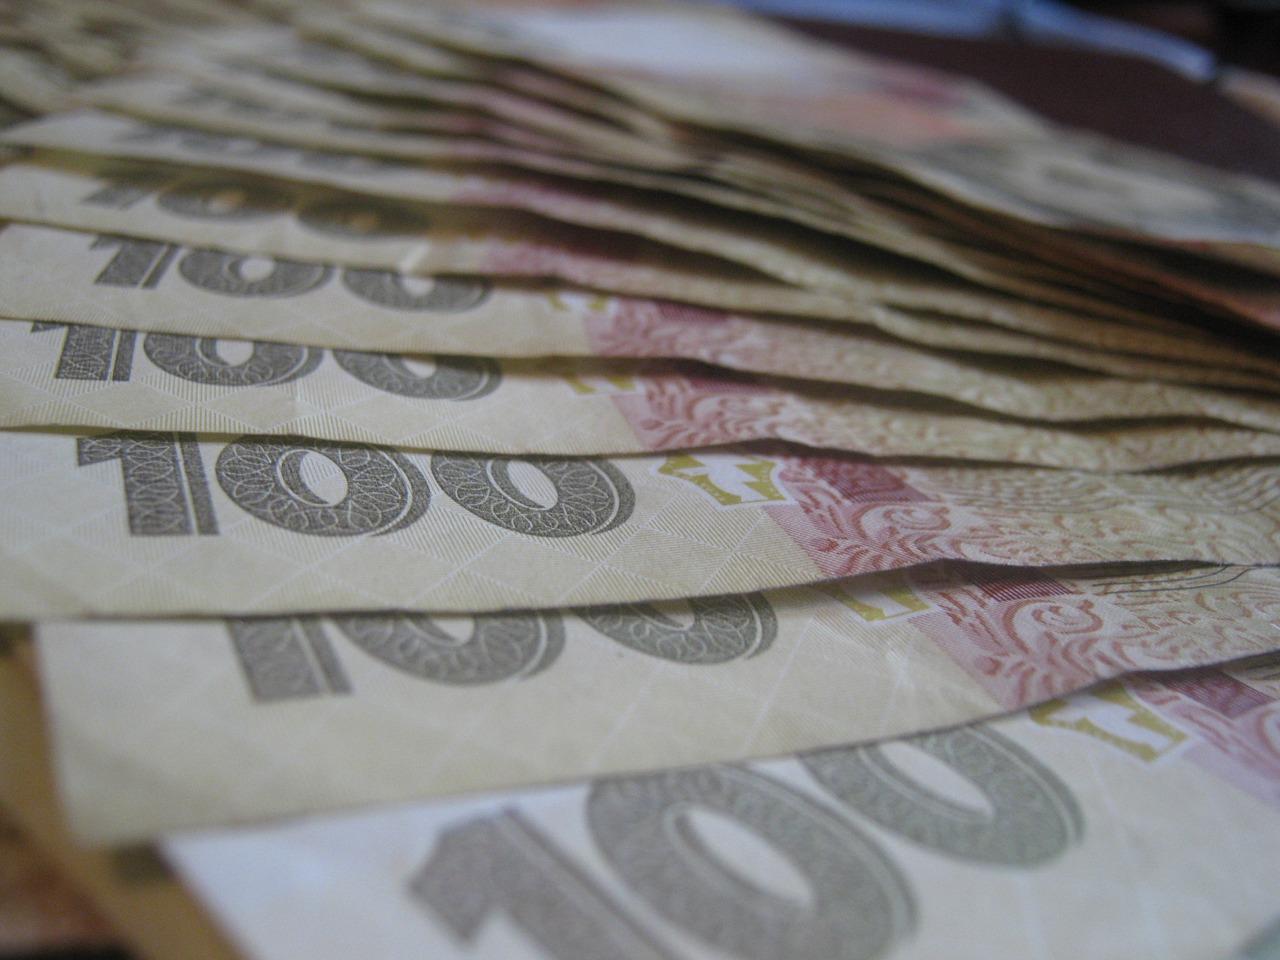 Службові особи підприємства «Укрзалізниці» незаконно привласнили понад мільйон гривень